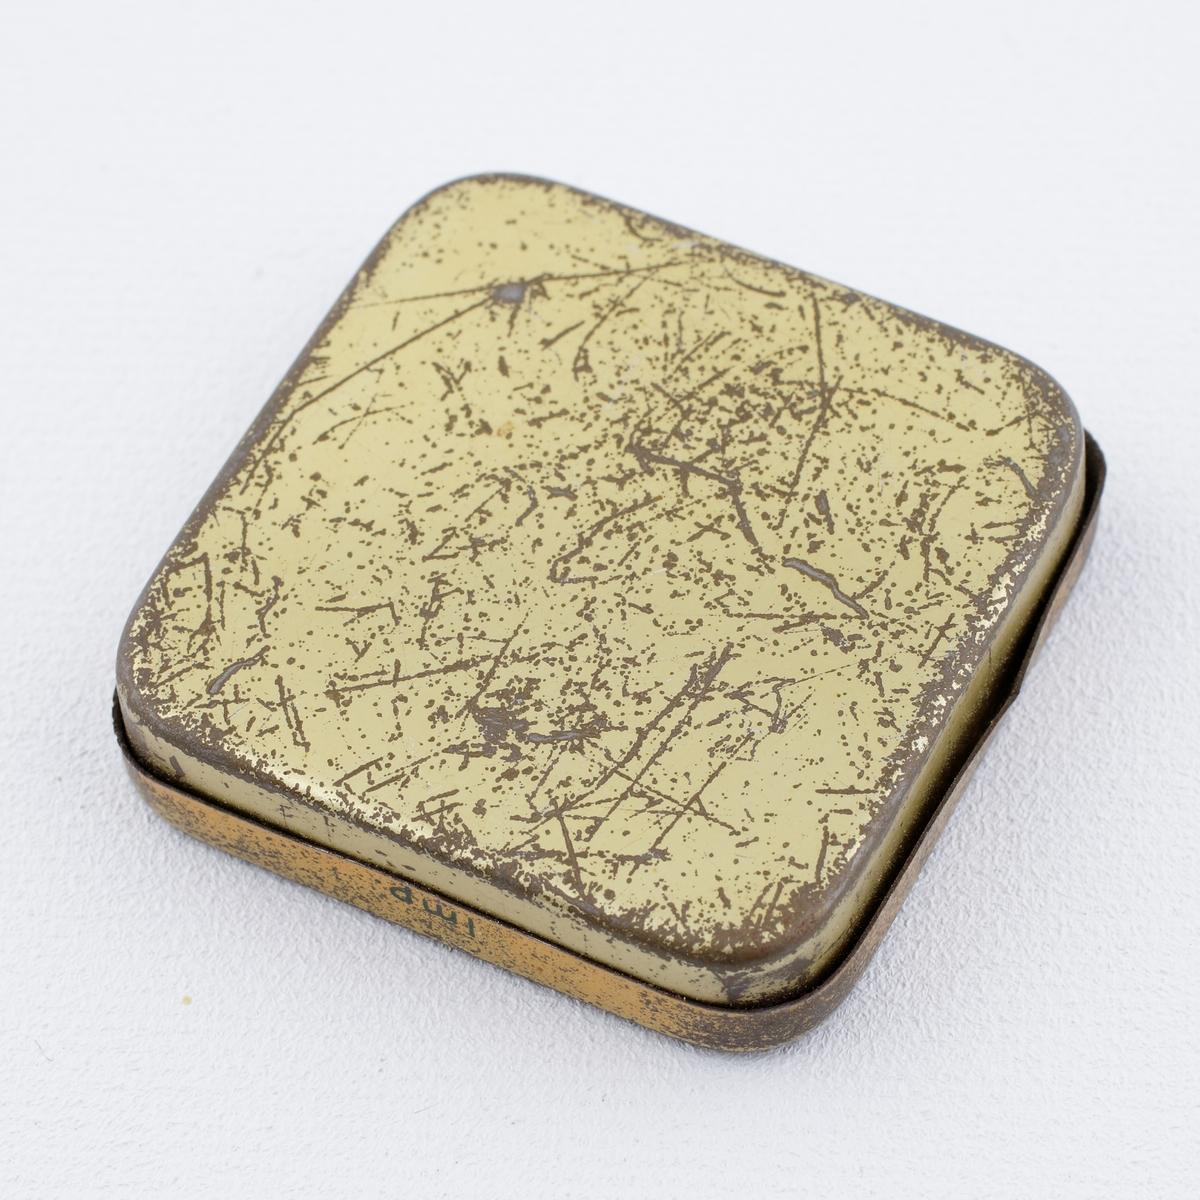 """Ask av plåt. Fyrkantig modell med avrundade hörn och dekor i gult och mörkgrönt. Förvaringsask för grammofonnålar.  Text på locket: """"Ramona Salong guld""""."""